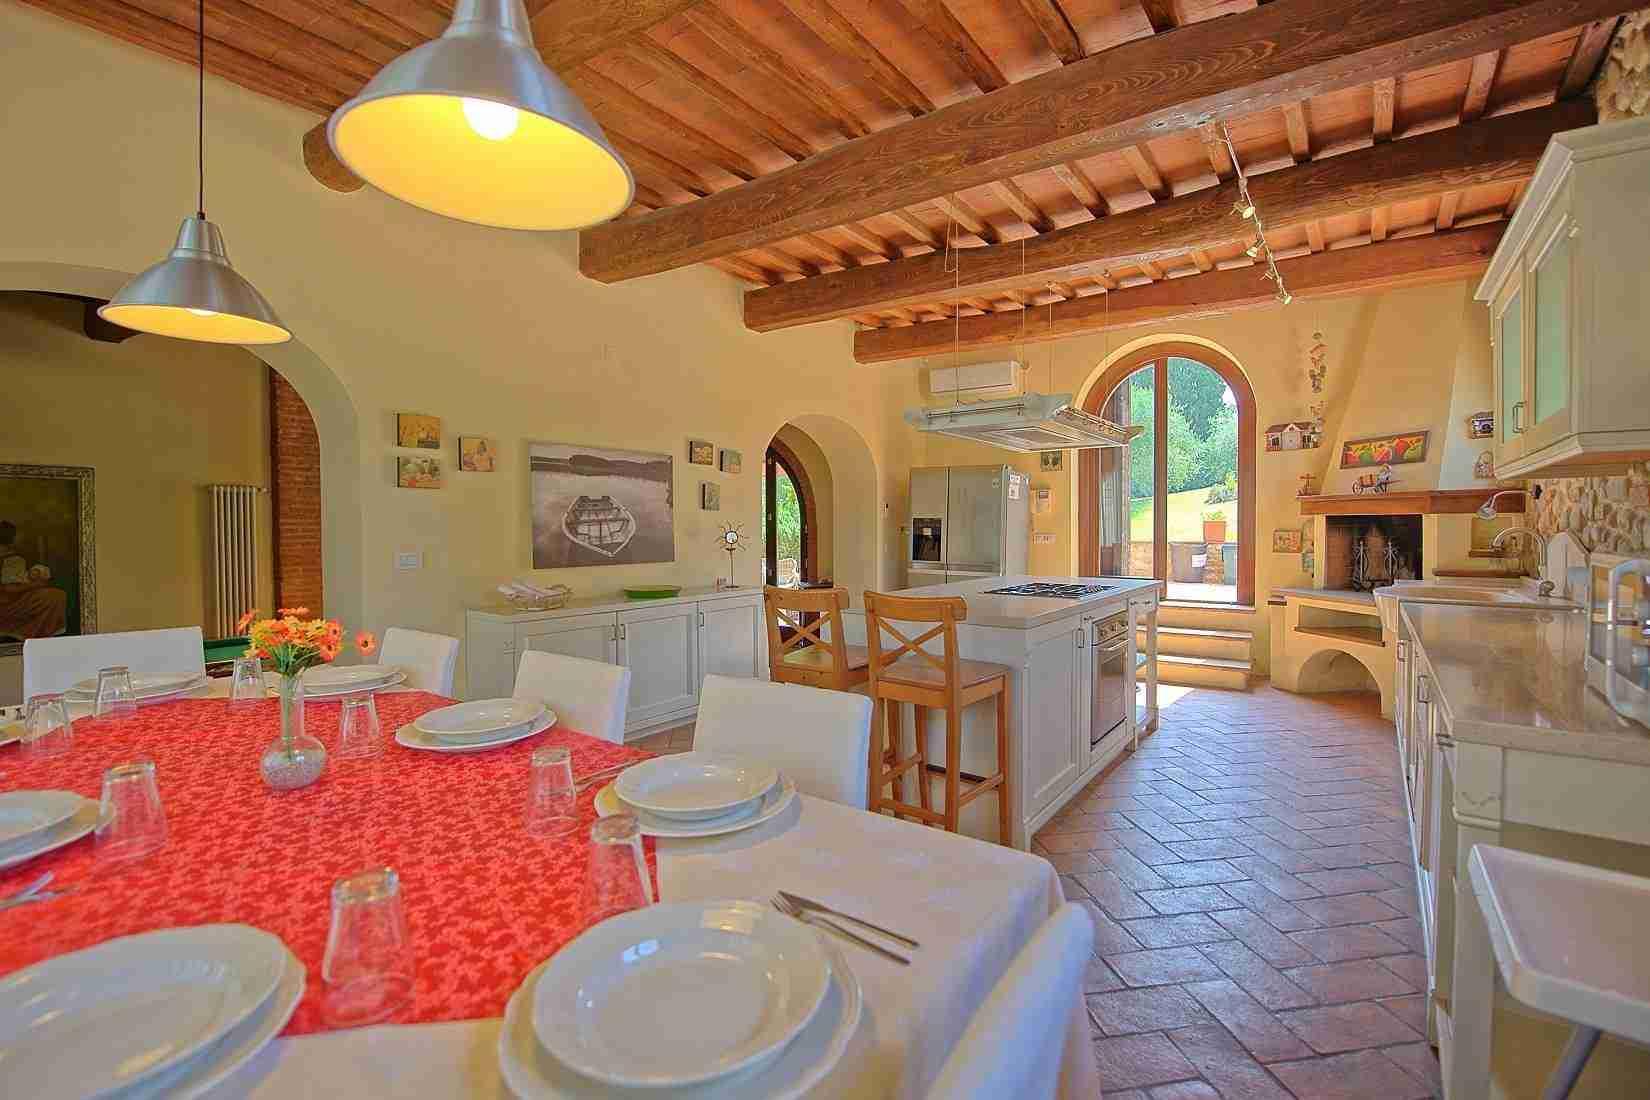 8 Ranieri kitchen